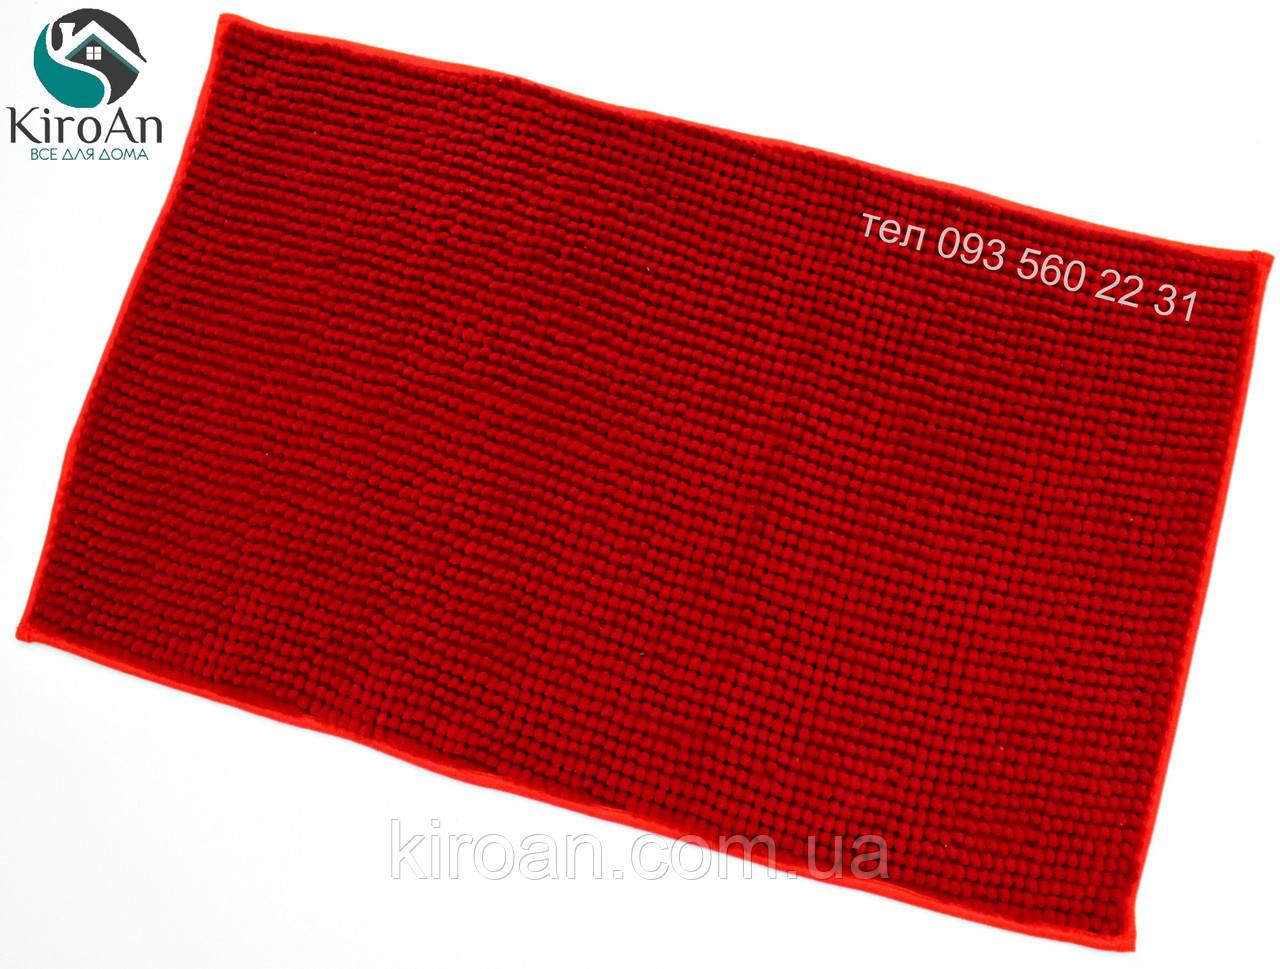 Коврик с коротким ворсом из микрофибры Лапша (макароны) 49х79см Красный